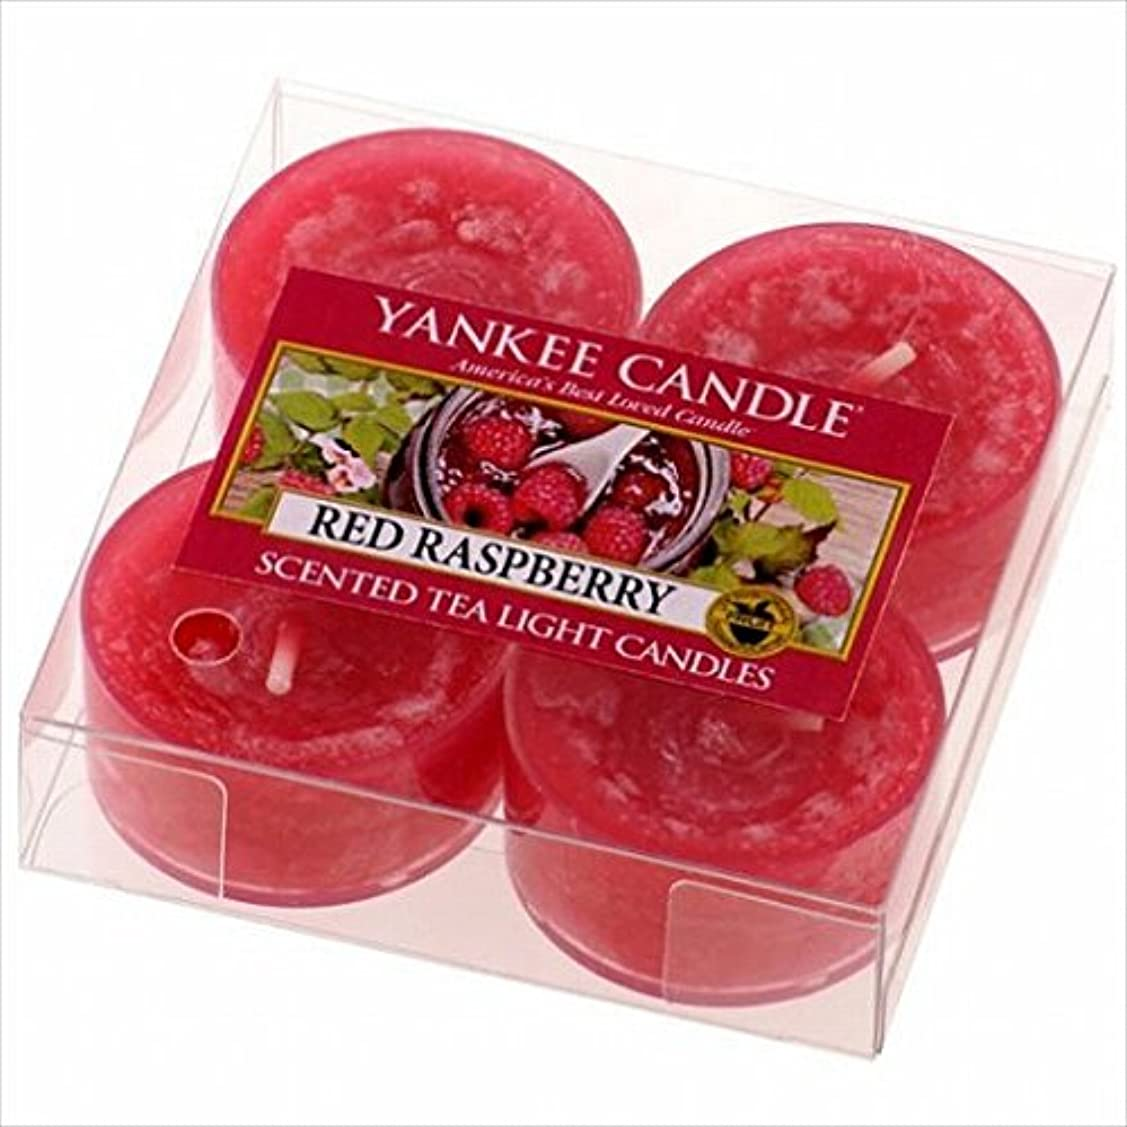 脈拍天の文句を言うヤンキーキャンドル(YANKEE CANDLE) YANKEE CANDLE クリアカップティーライト4個入り 「 レッドラズベリー 」